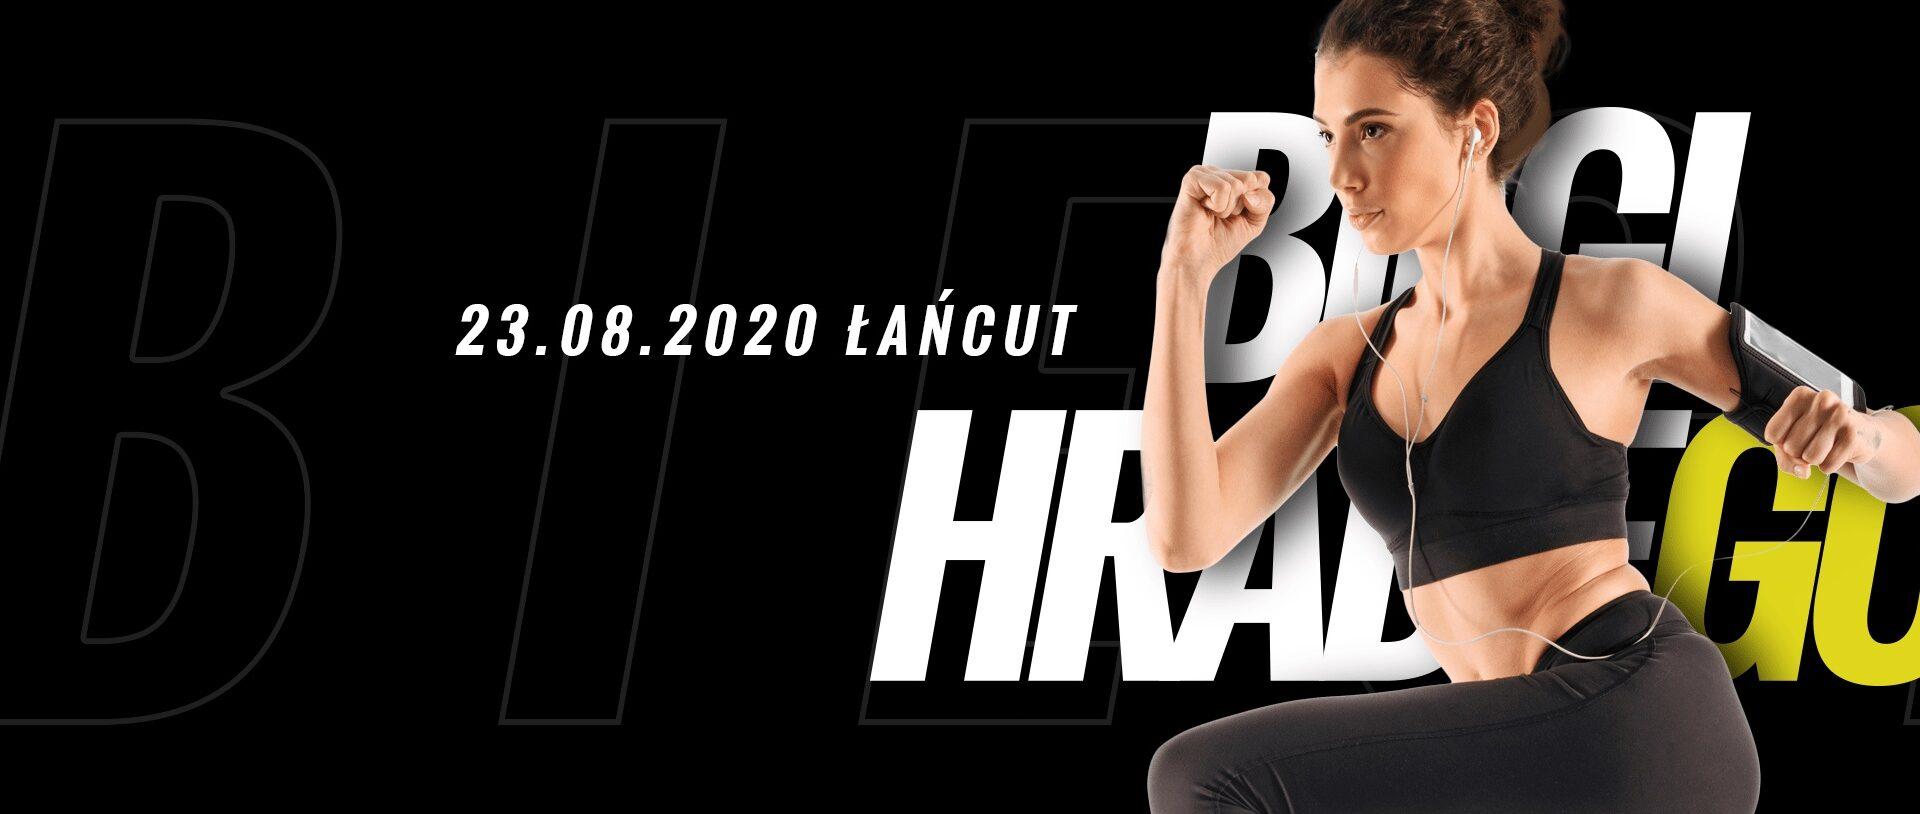 Bieg Hrabiego - Łańcut - 23.08.2020